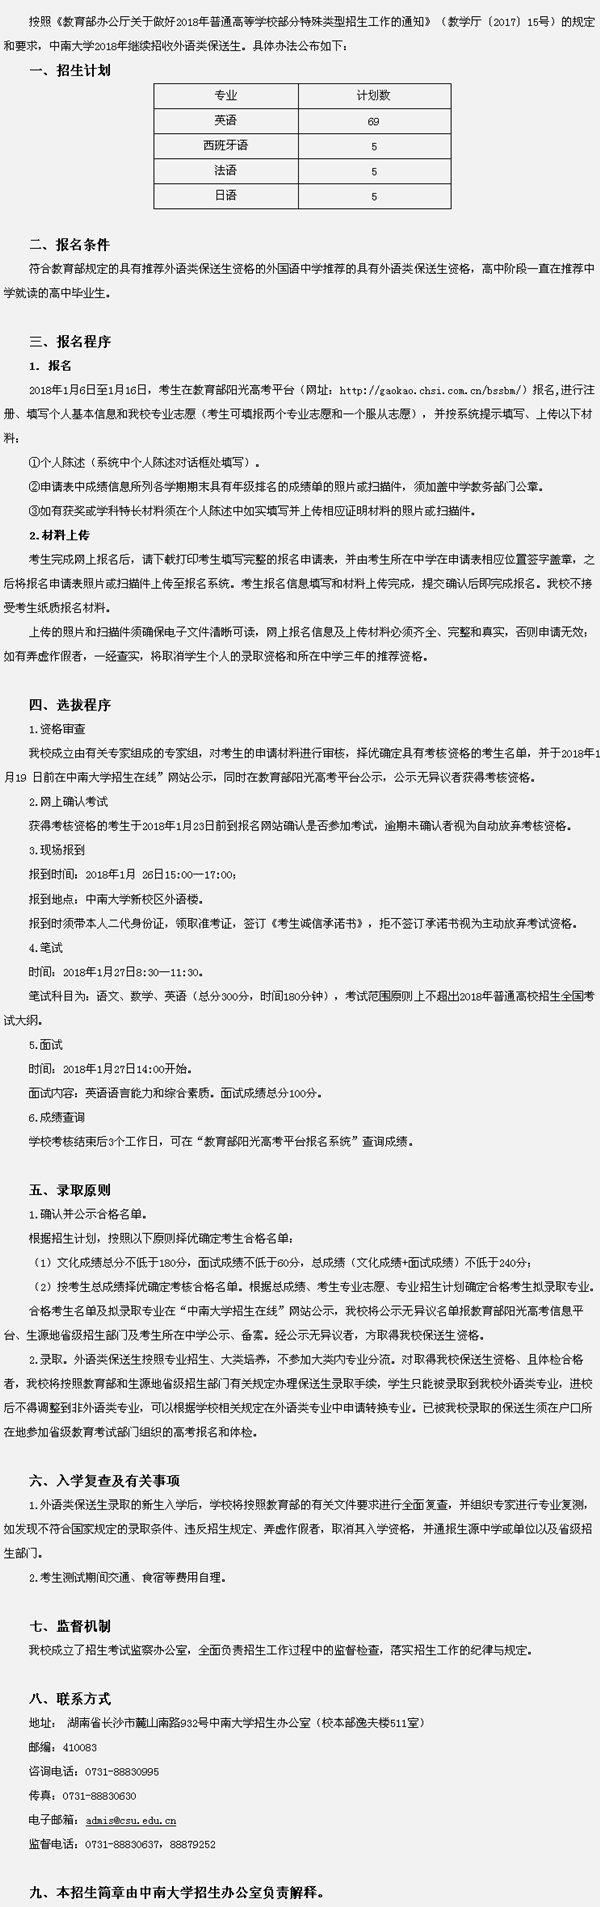 【中南大学】2018年外语类保送生招生简章公布